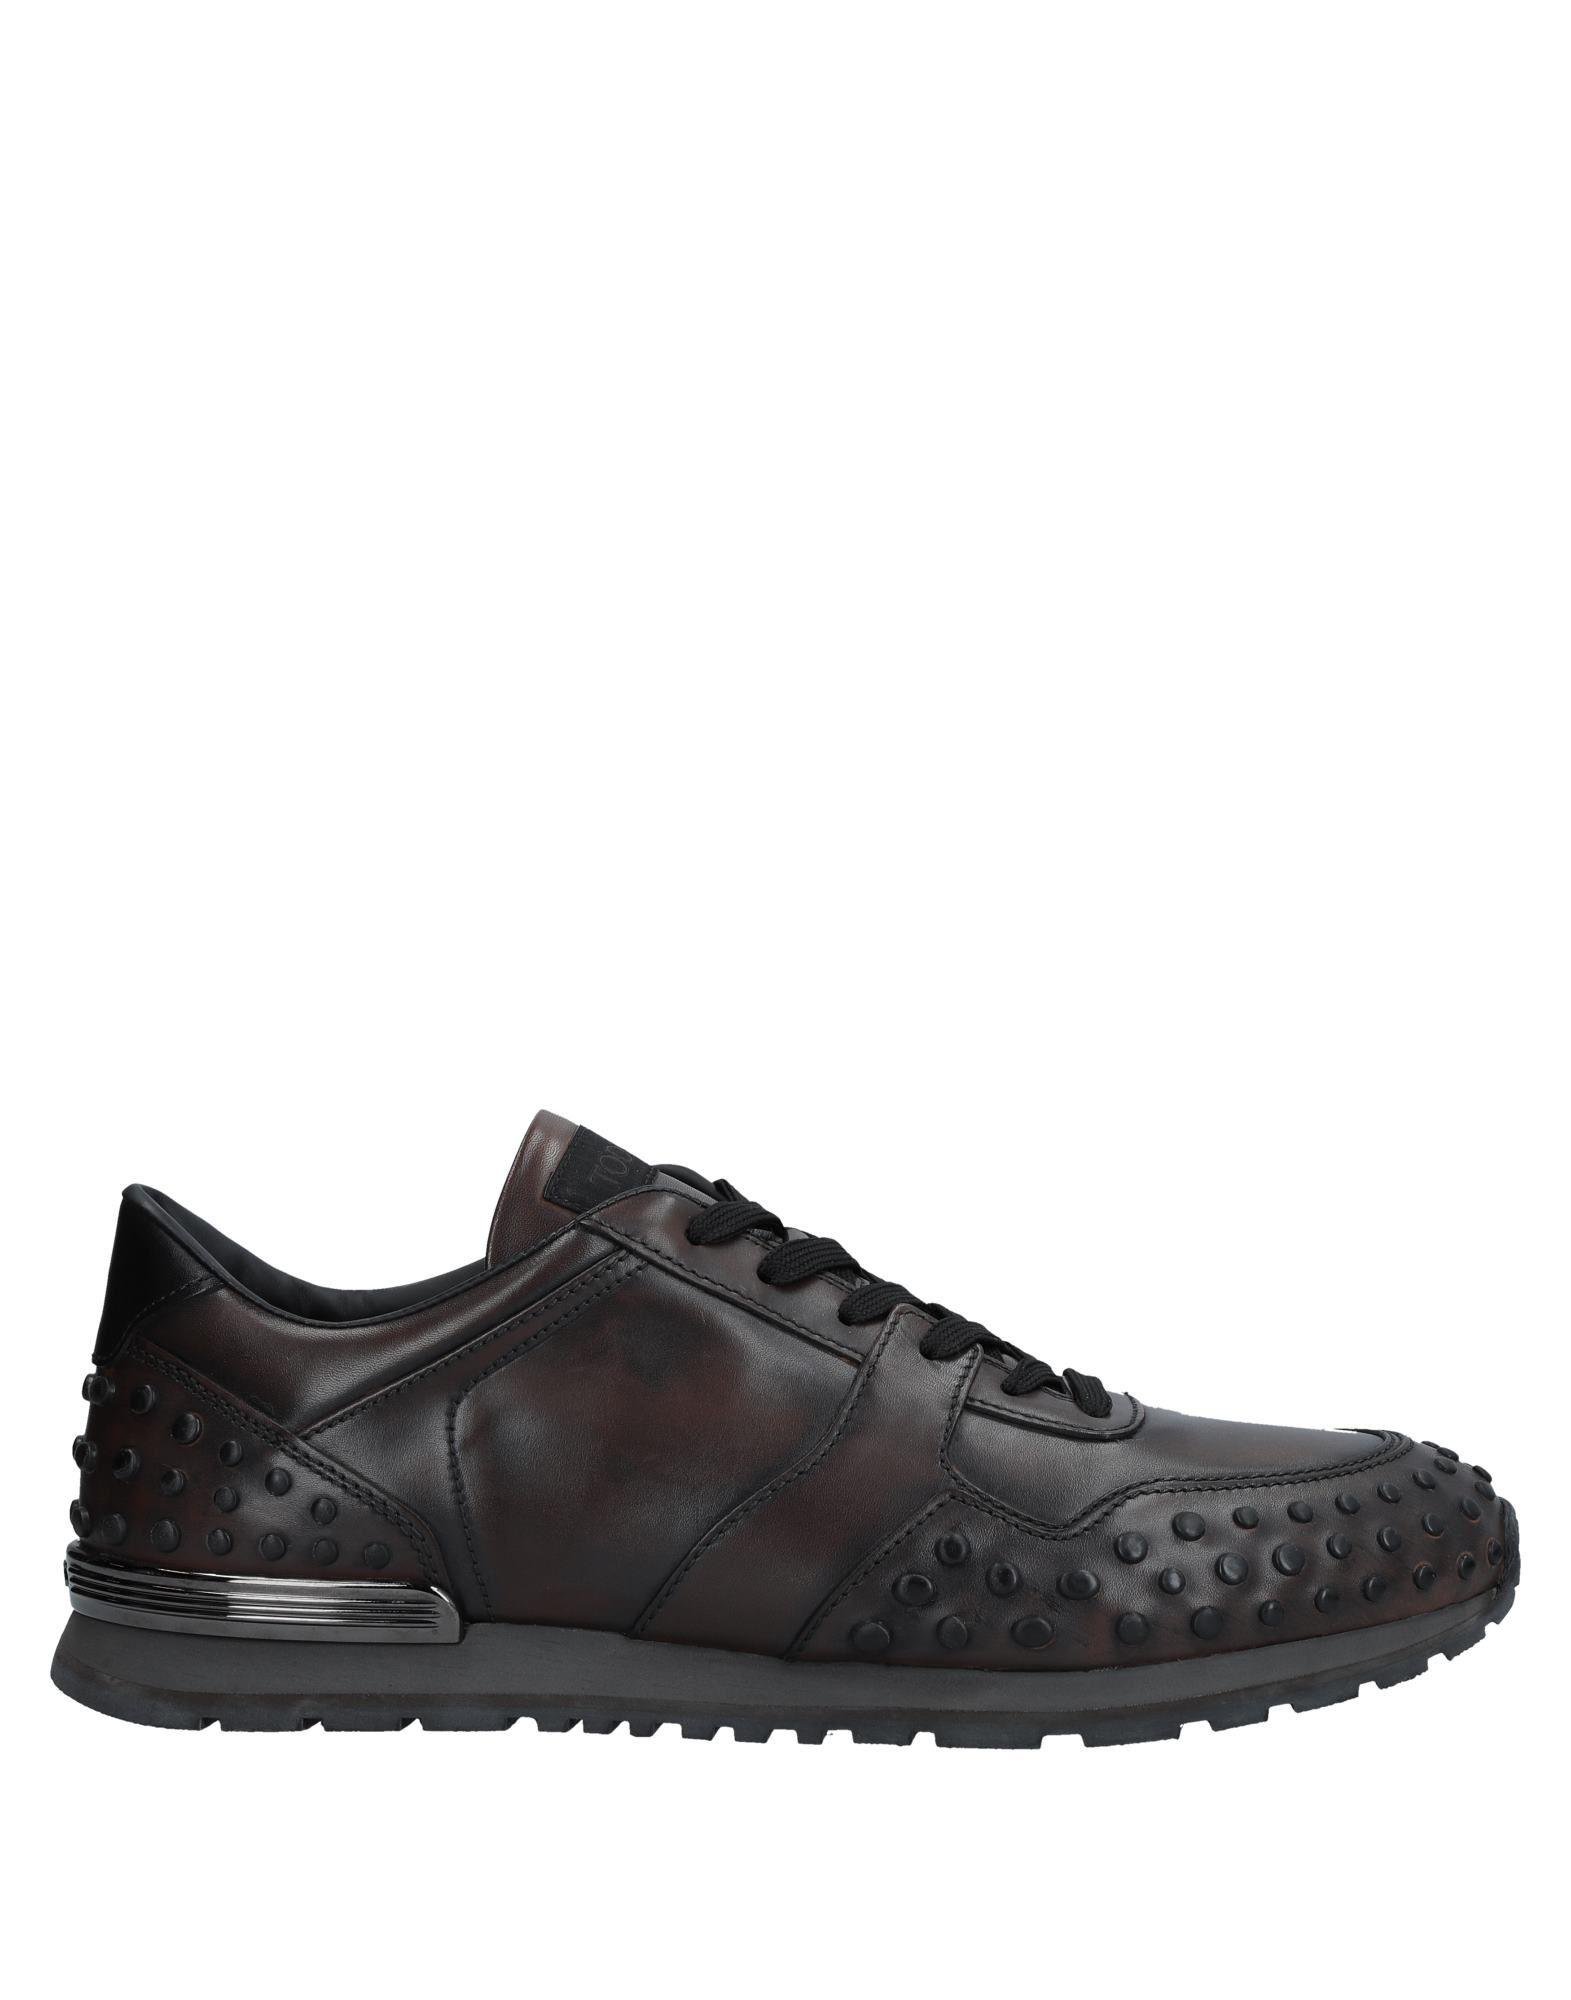 Scarpe economiche e resistenti Sneakers Tod's Uomo - 11541740HT